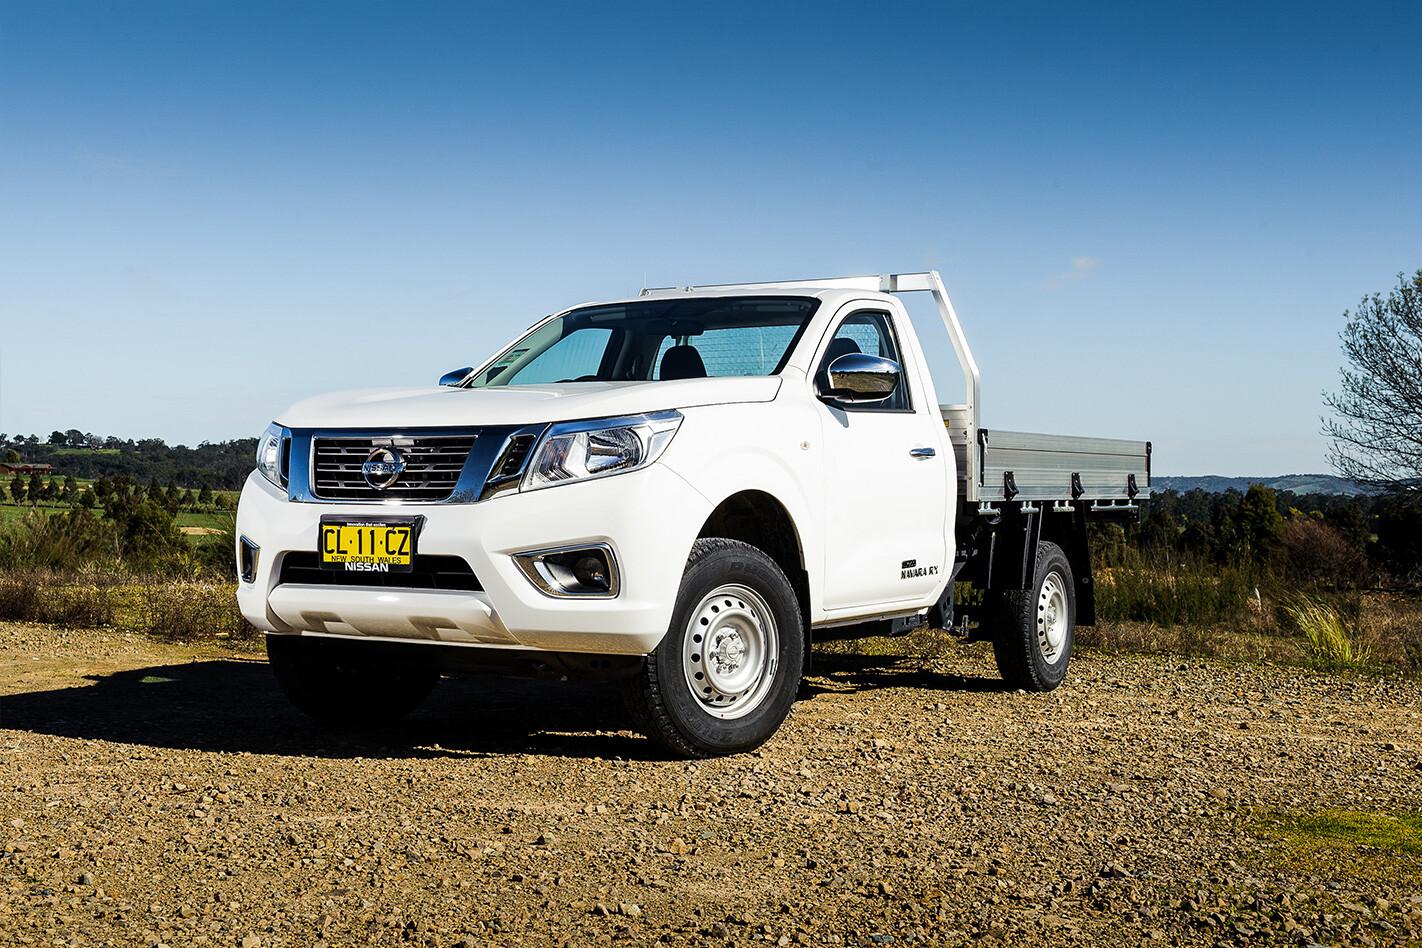 Nissan Navara Single Cab Tray Jpg